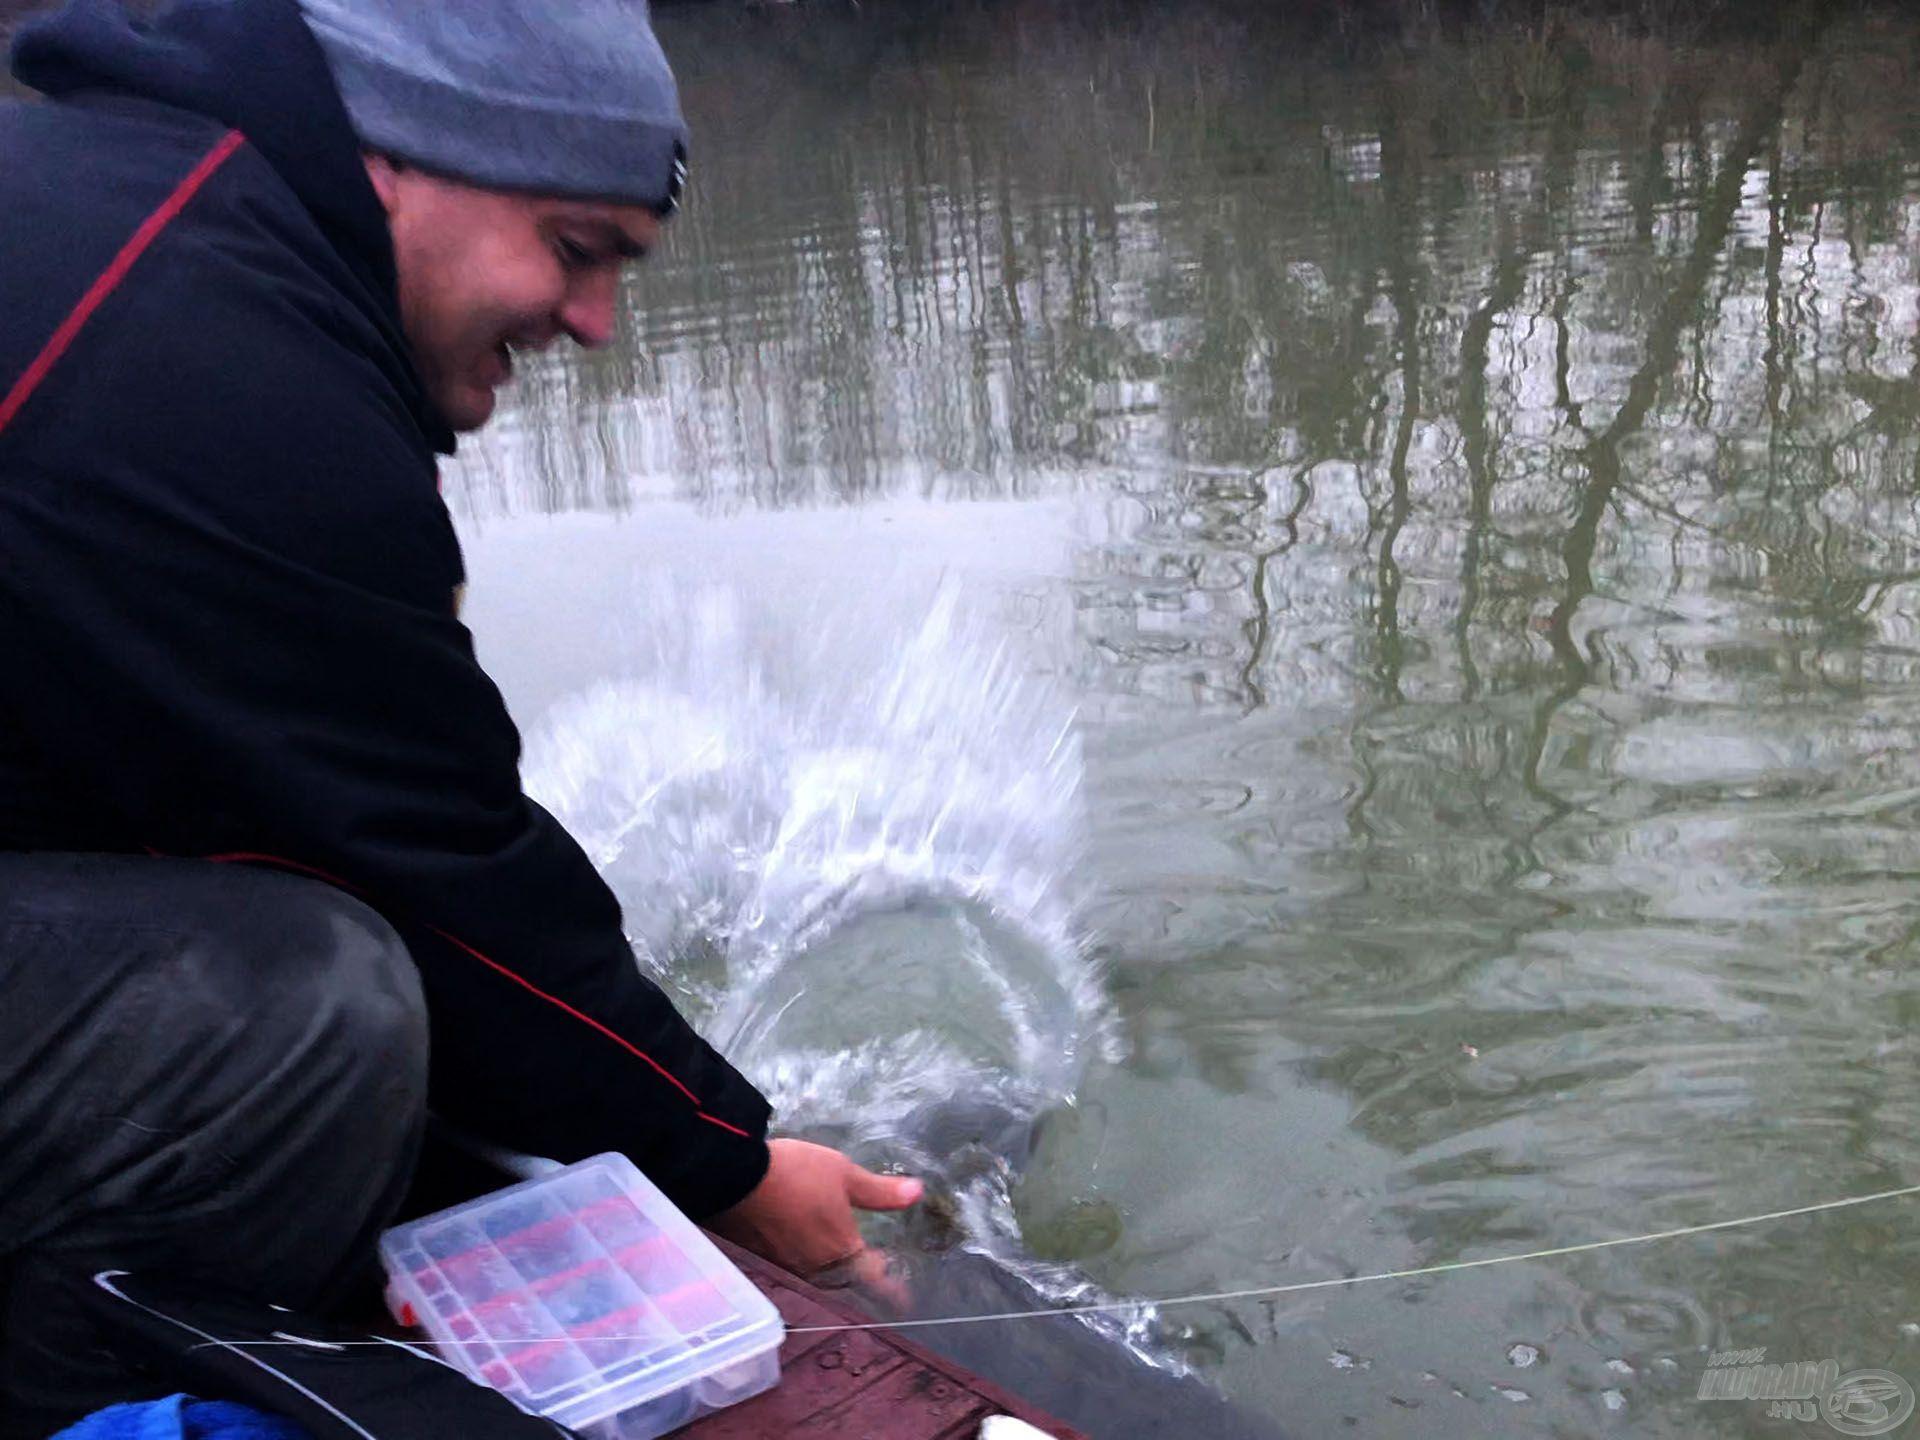 Furcsán nagyon jó érzés visszaengedni ezt a halat tele a jövő évek süllőivel!